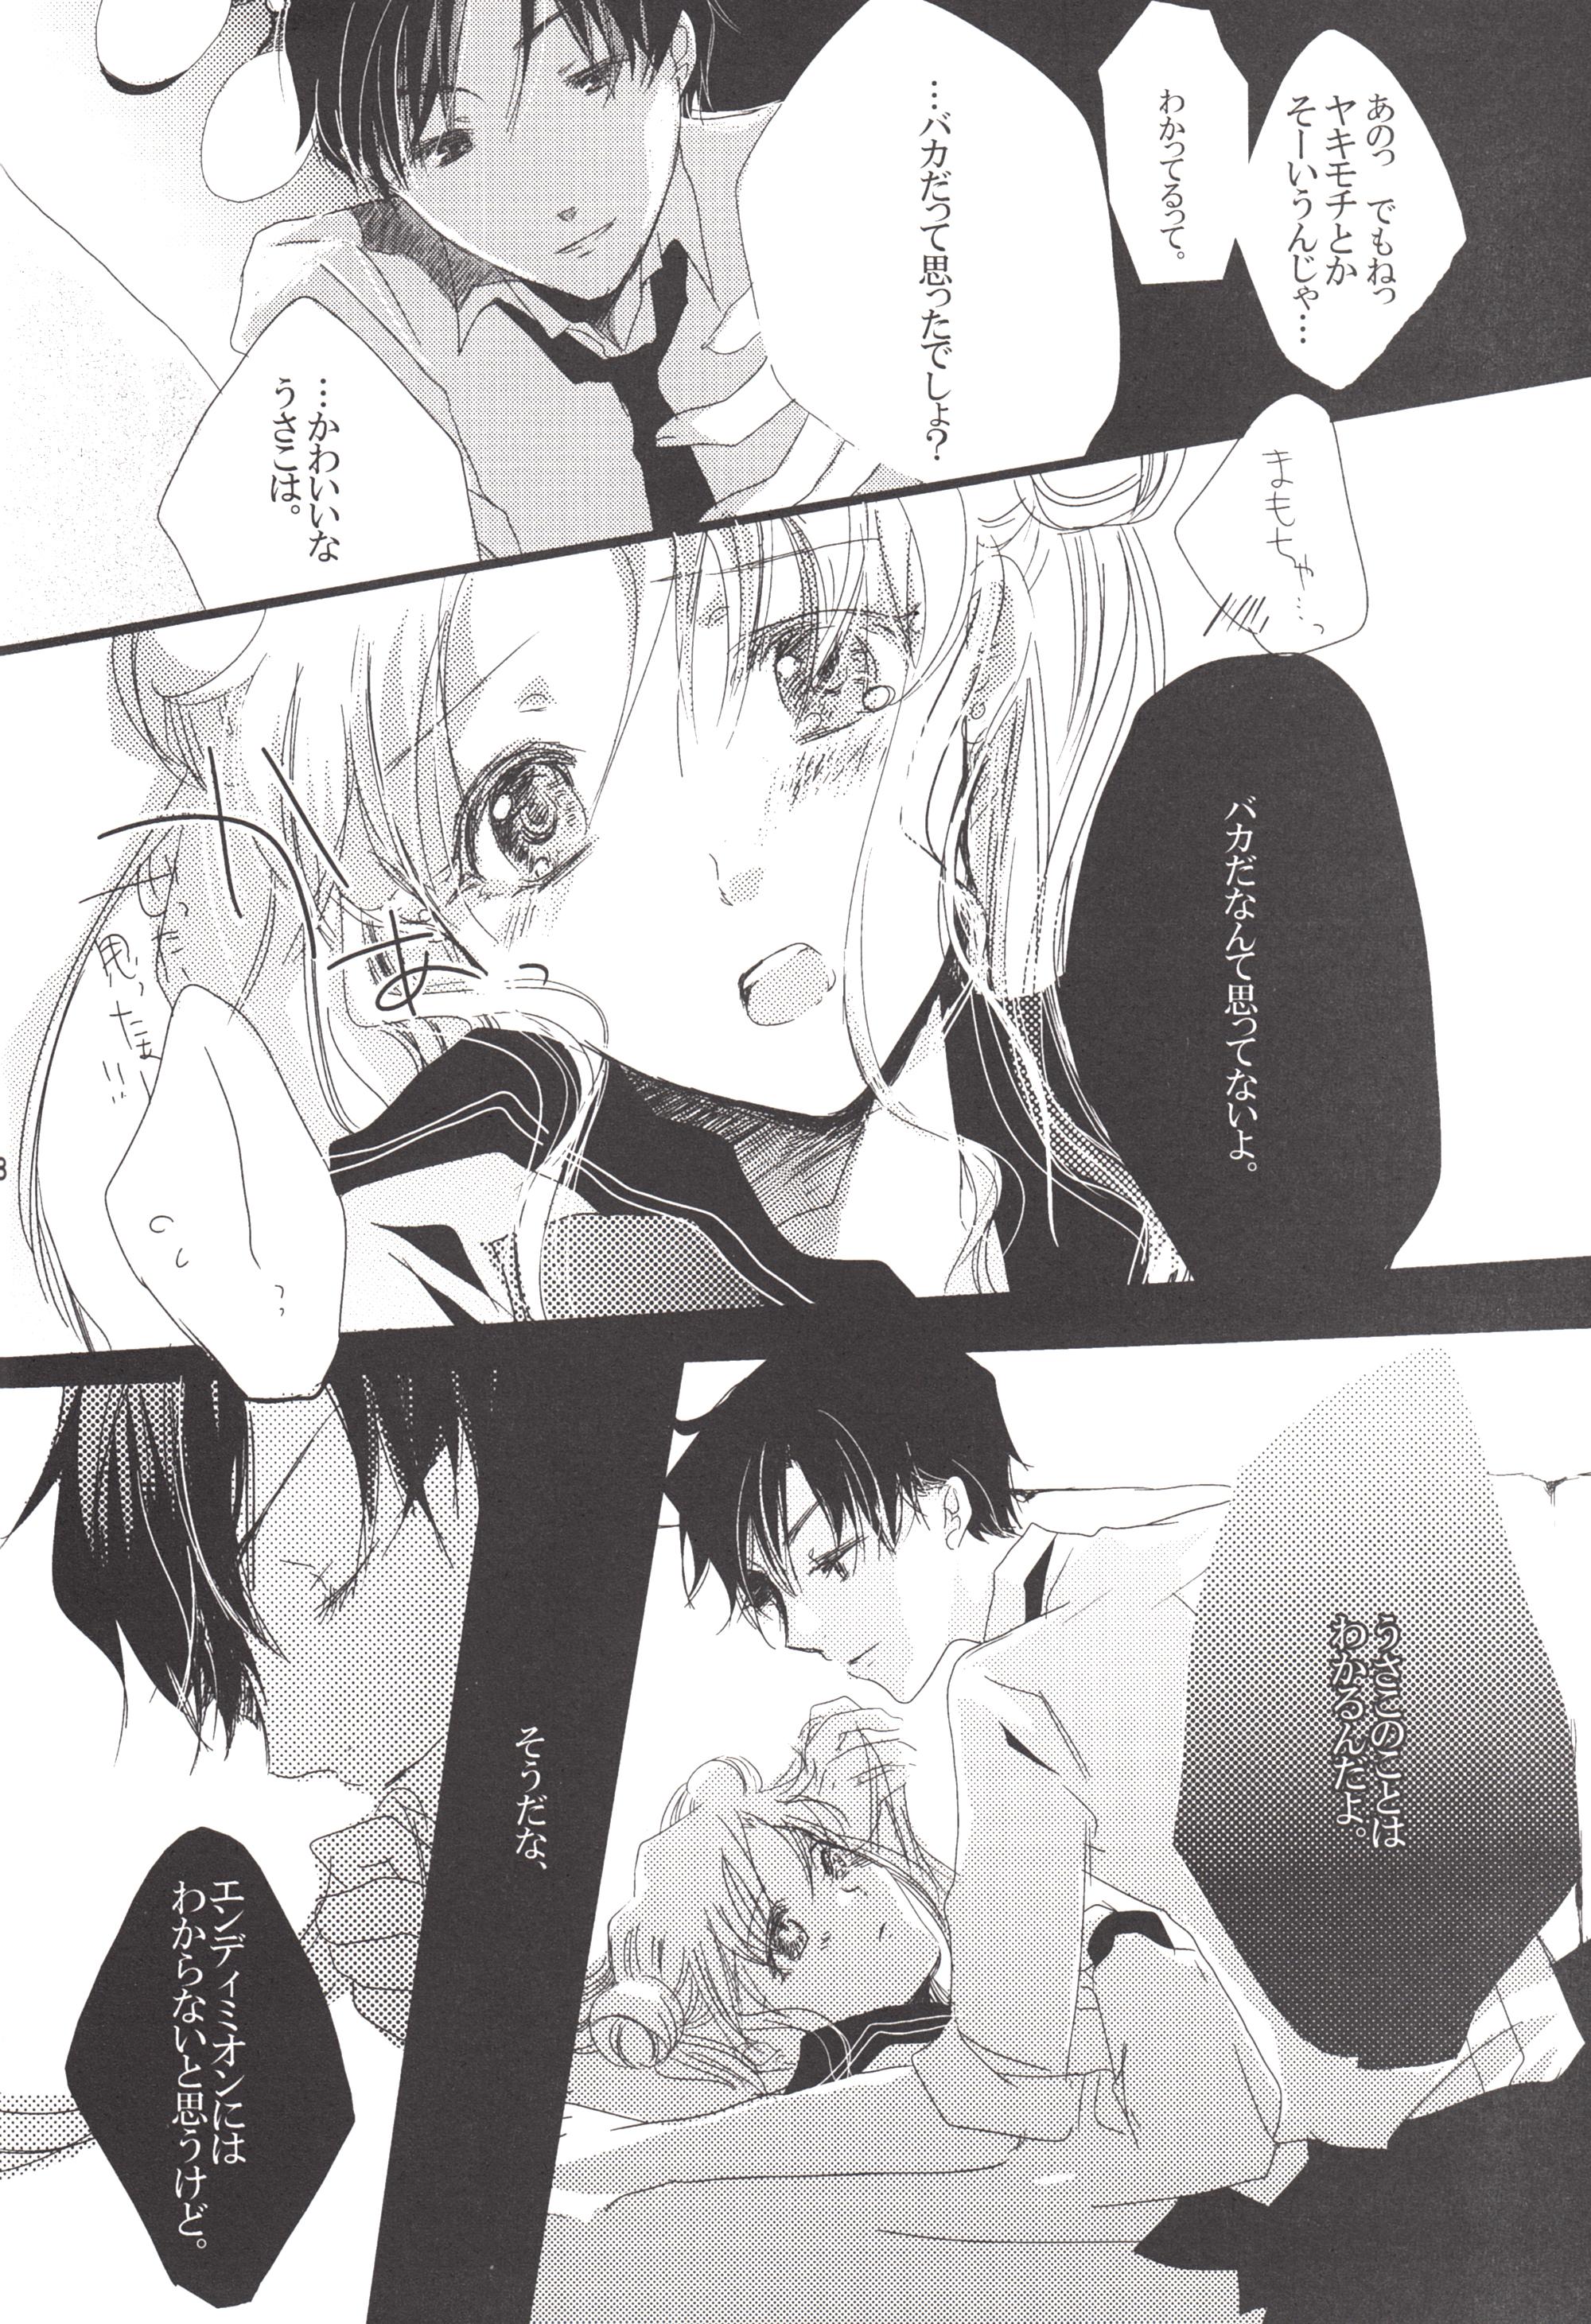 Hoshi-no-uta-by-dolce-18